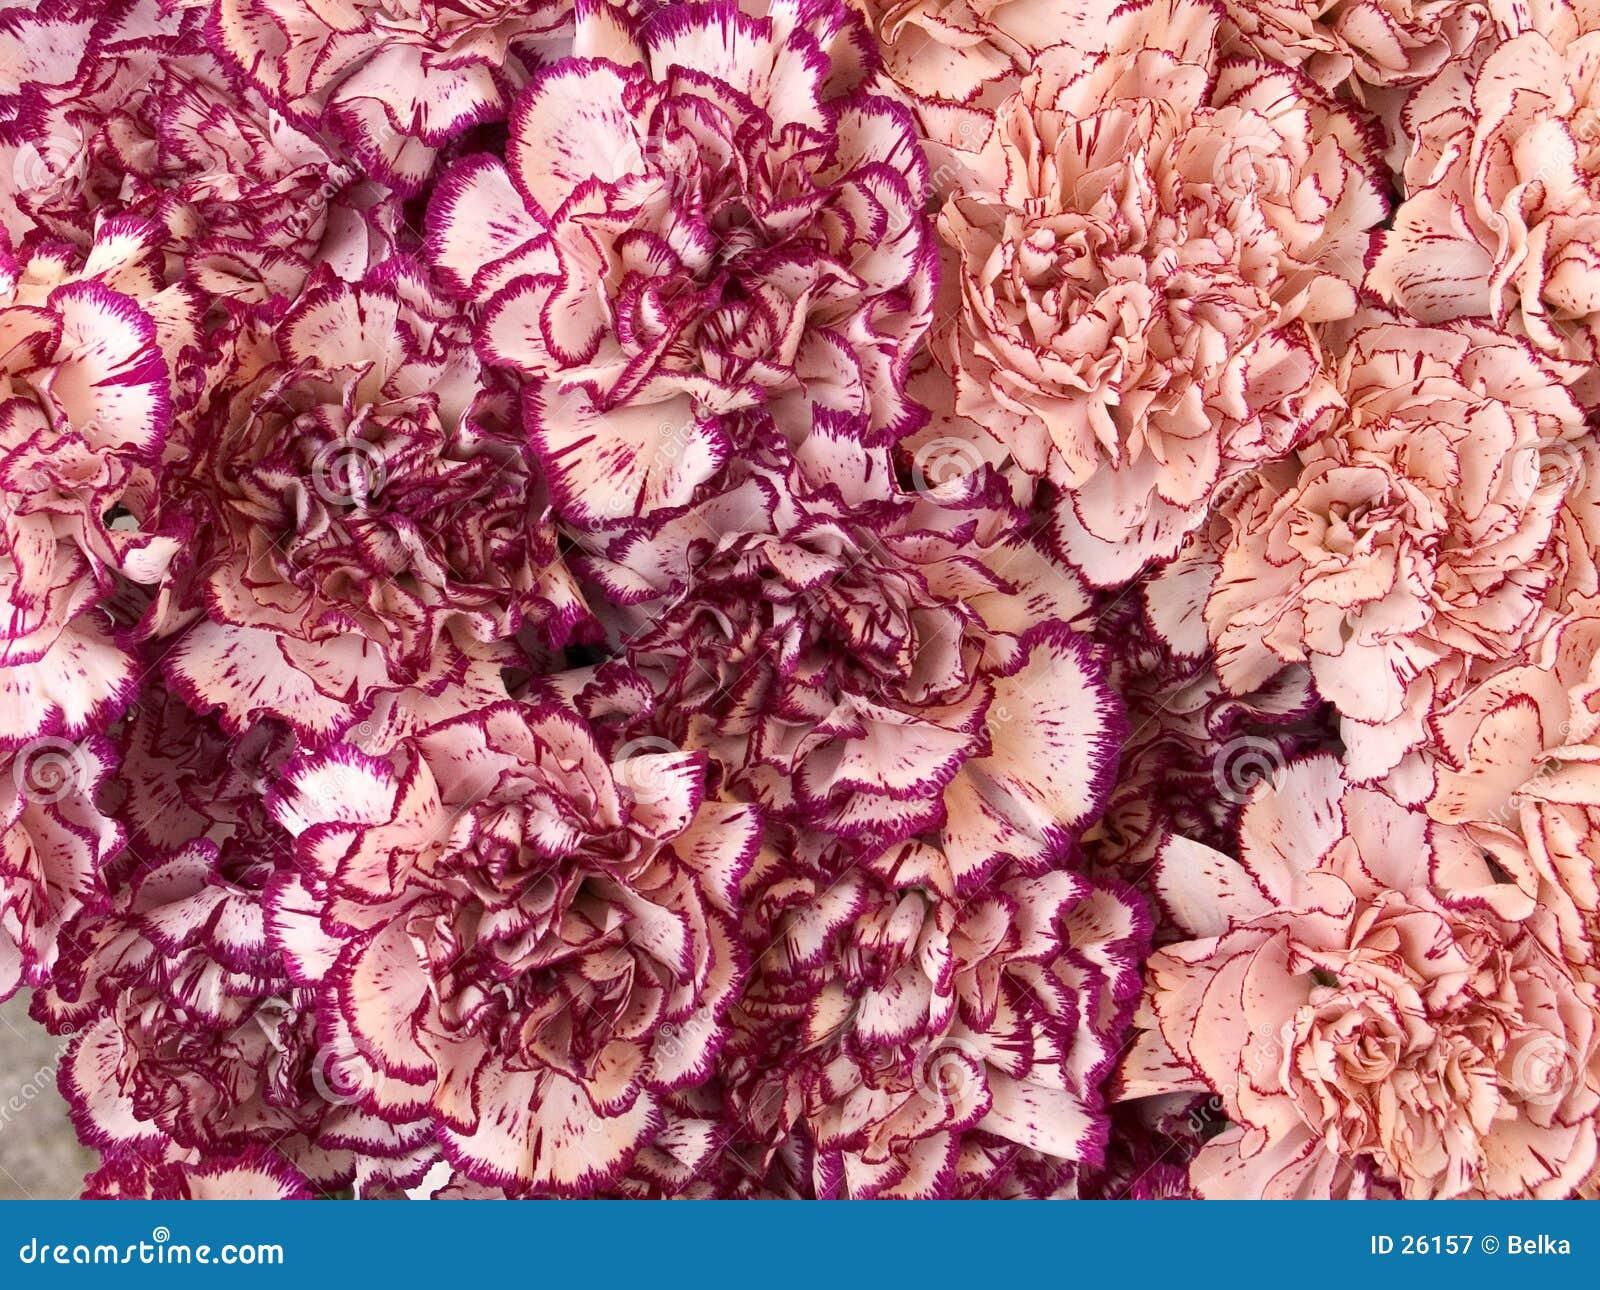 Download Claveles imagen de archivo. Imagen de arreglo, romance, flora - 26157